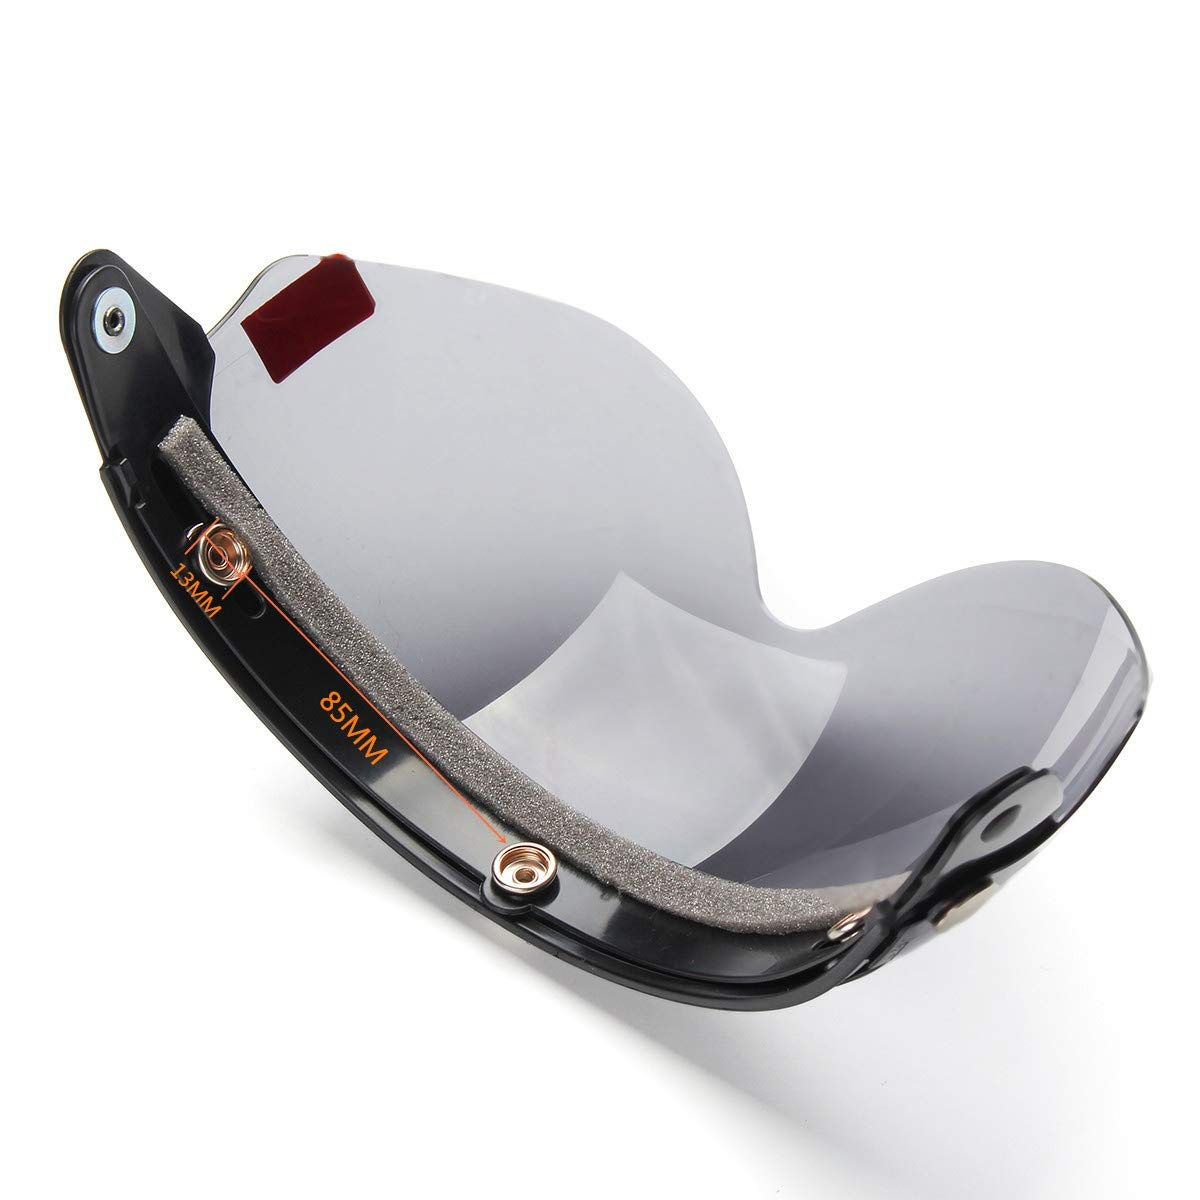 Verre Rabattable TONGXU Visi/ère Universelle pour Casque de Moto Demi-Ouverture